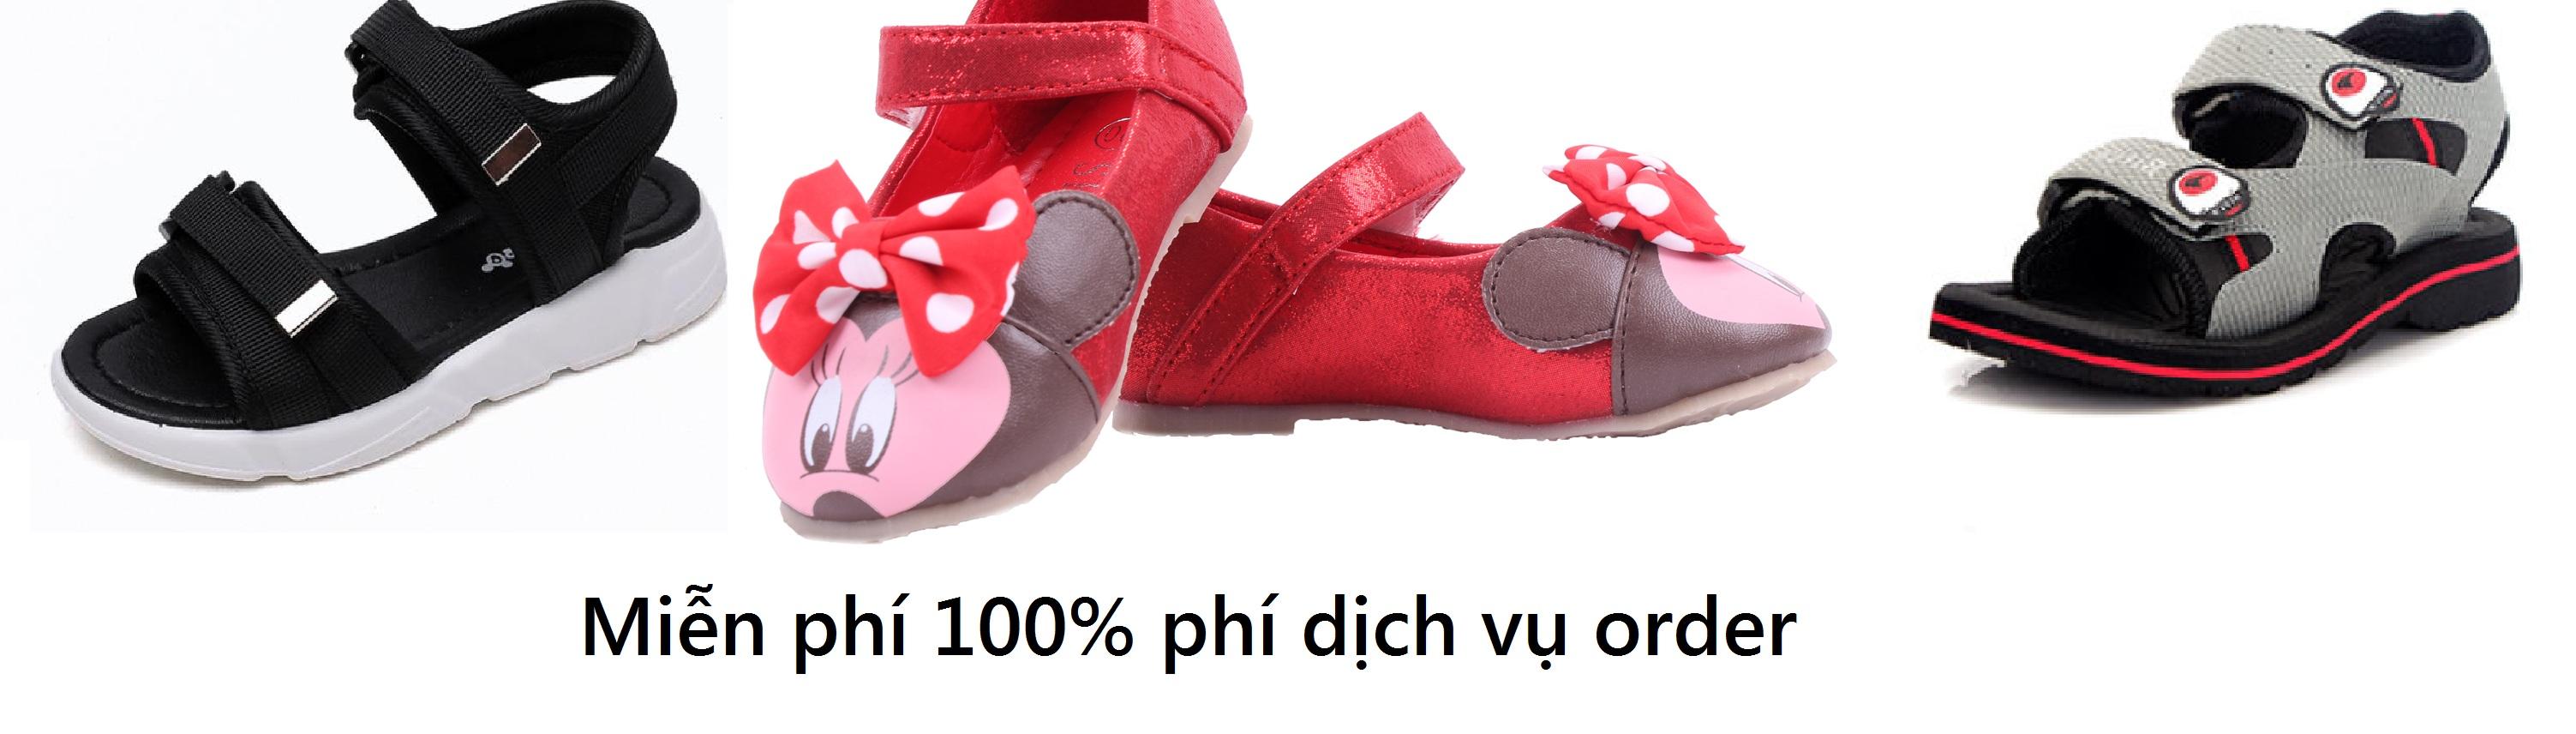 Order giày dép cho bé mùa tựu trường